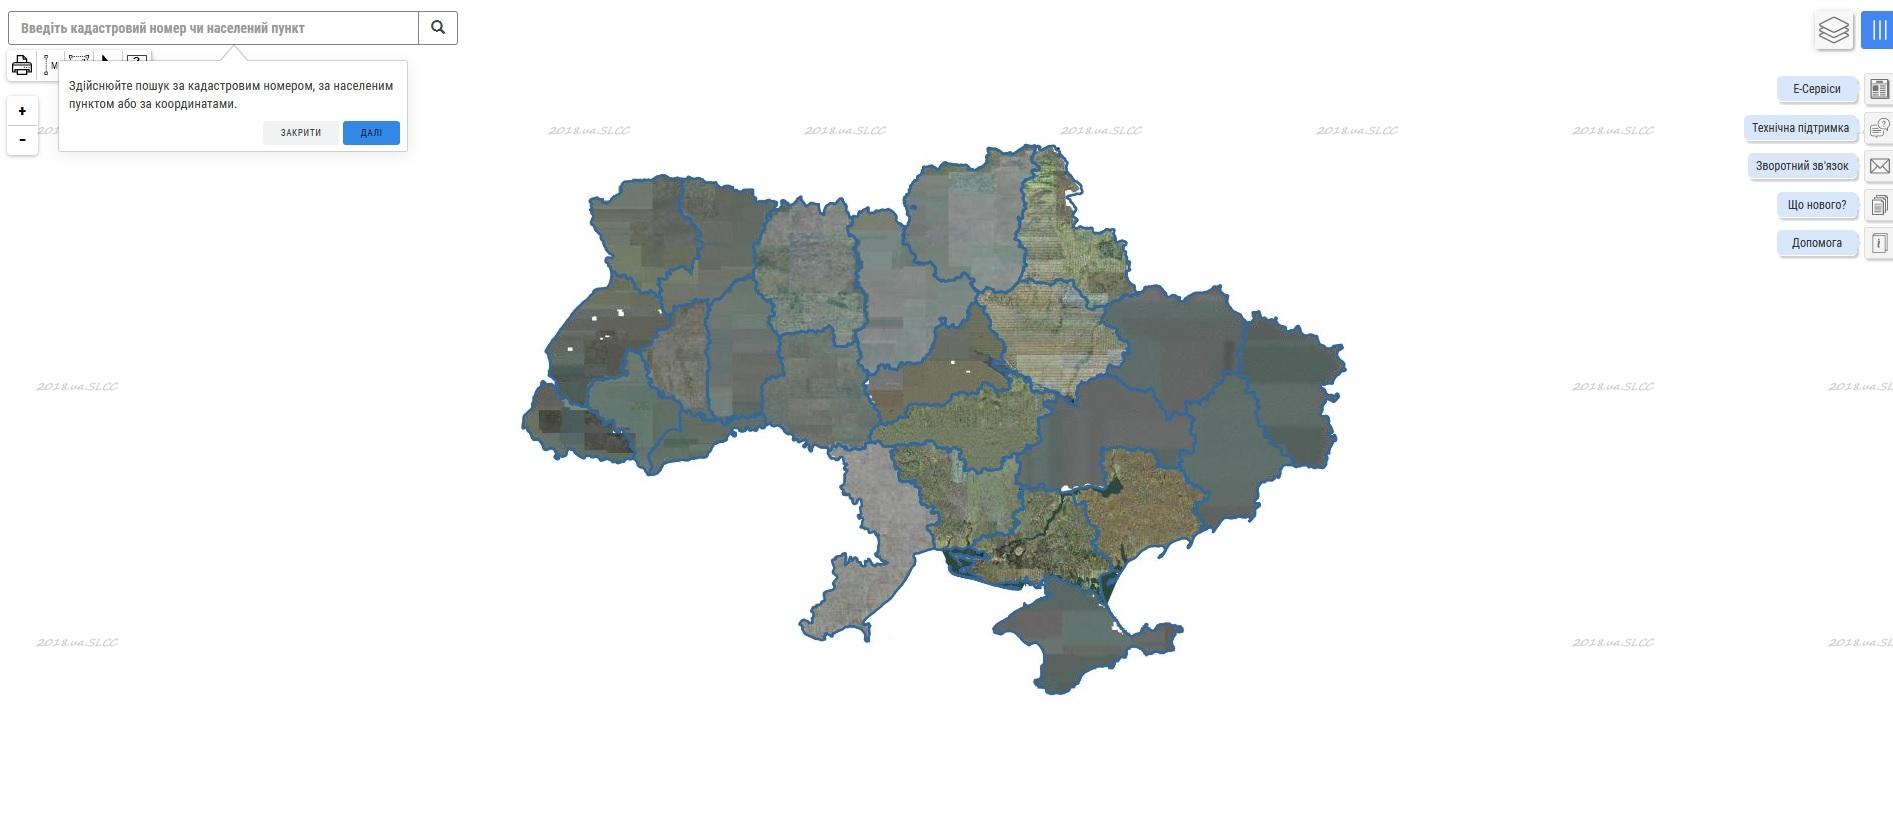 Украинският кадастър – ключов за приемането на страната в ЕС